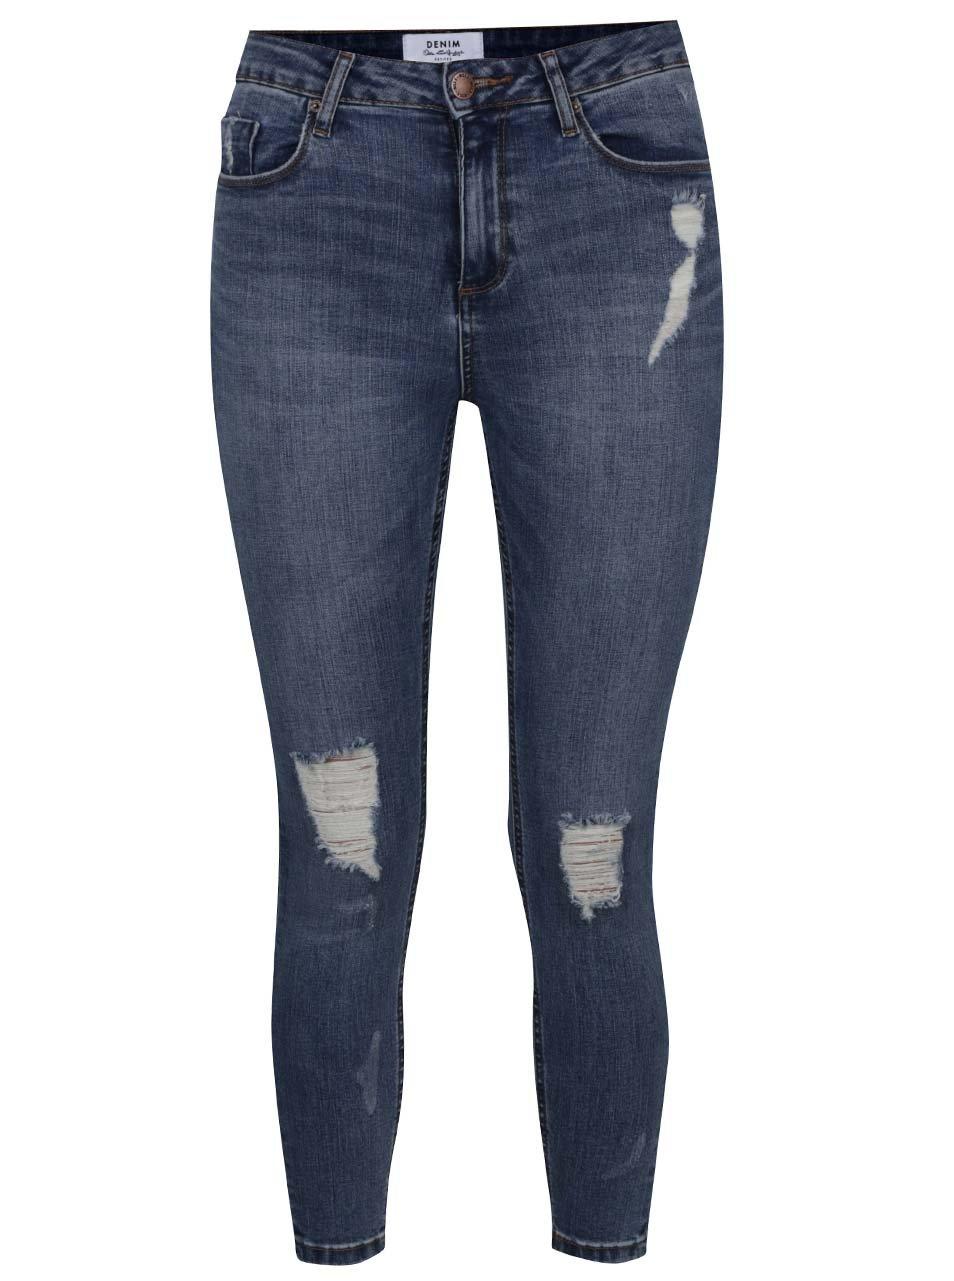 Tmavě modré strečové džíny s potrhaným efektem Miss Selfridge